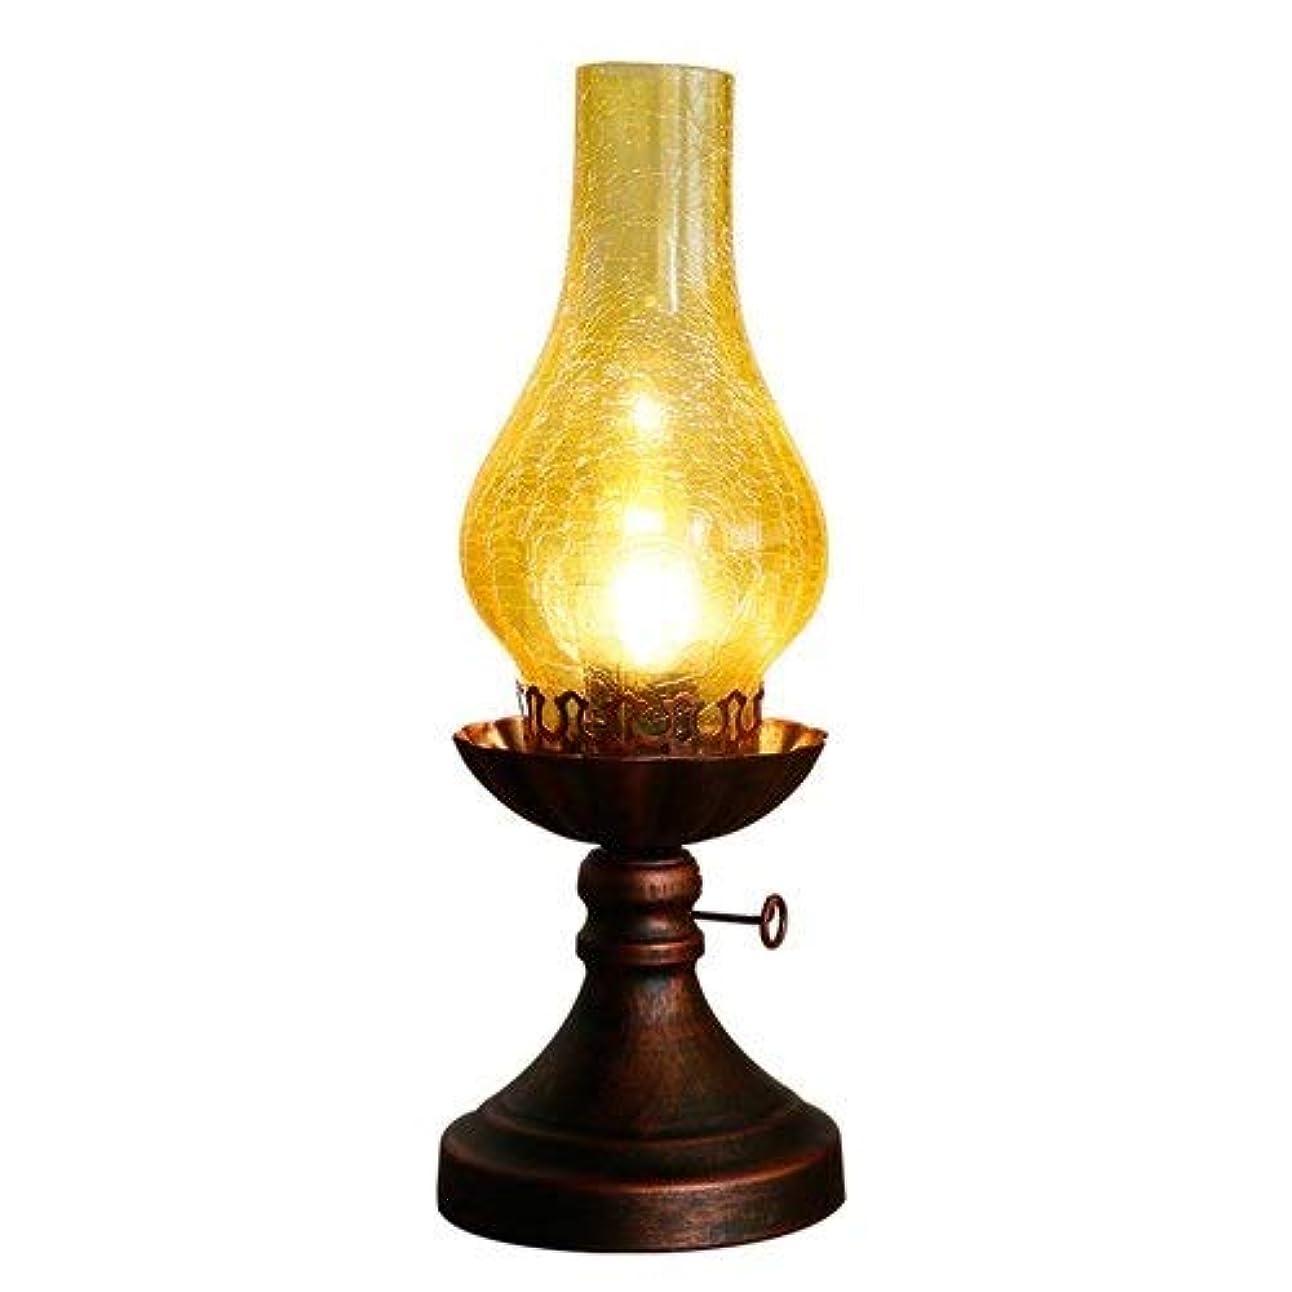 ルビー統合するオゾン灯油ランプ古いオイルランプヴィンテージテーブルランプクラシックシェイプノスタルジックオイルランプアイアンでガラスランプシェードスタディ読書灯レストランのデスクライト (Color : Warm light)